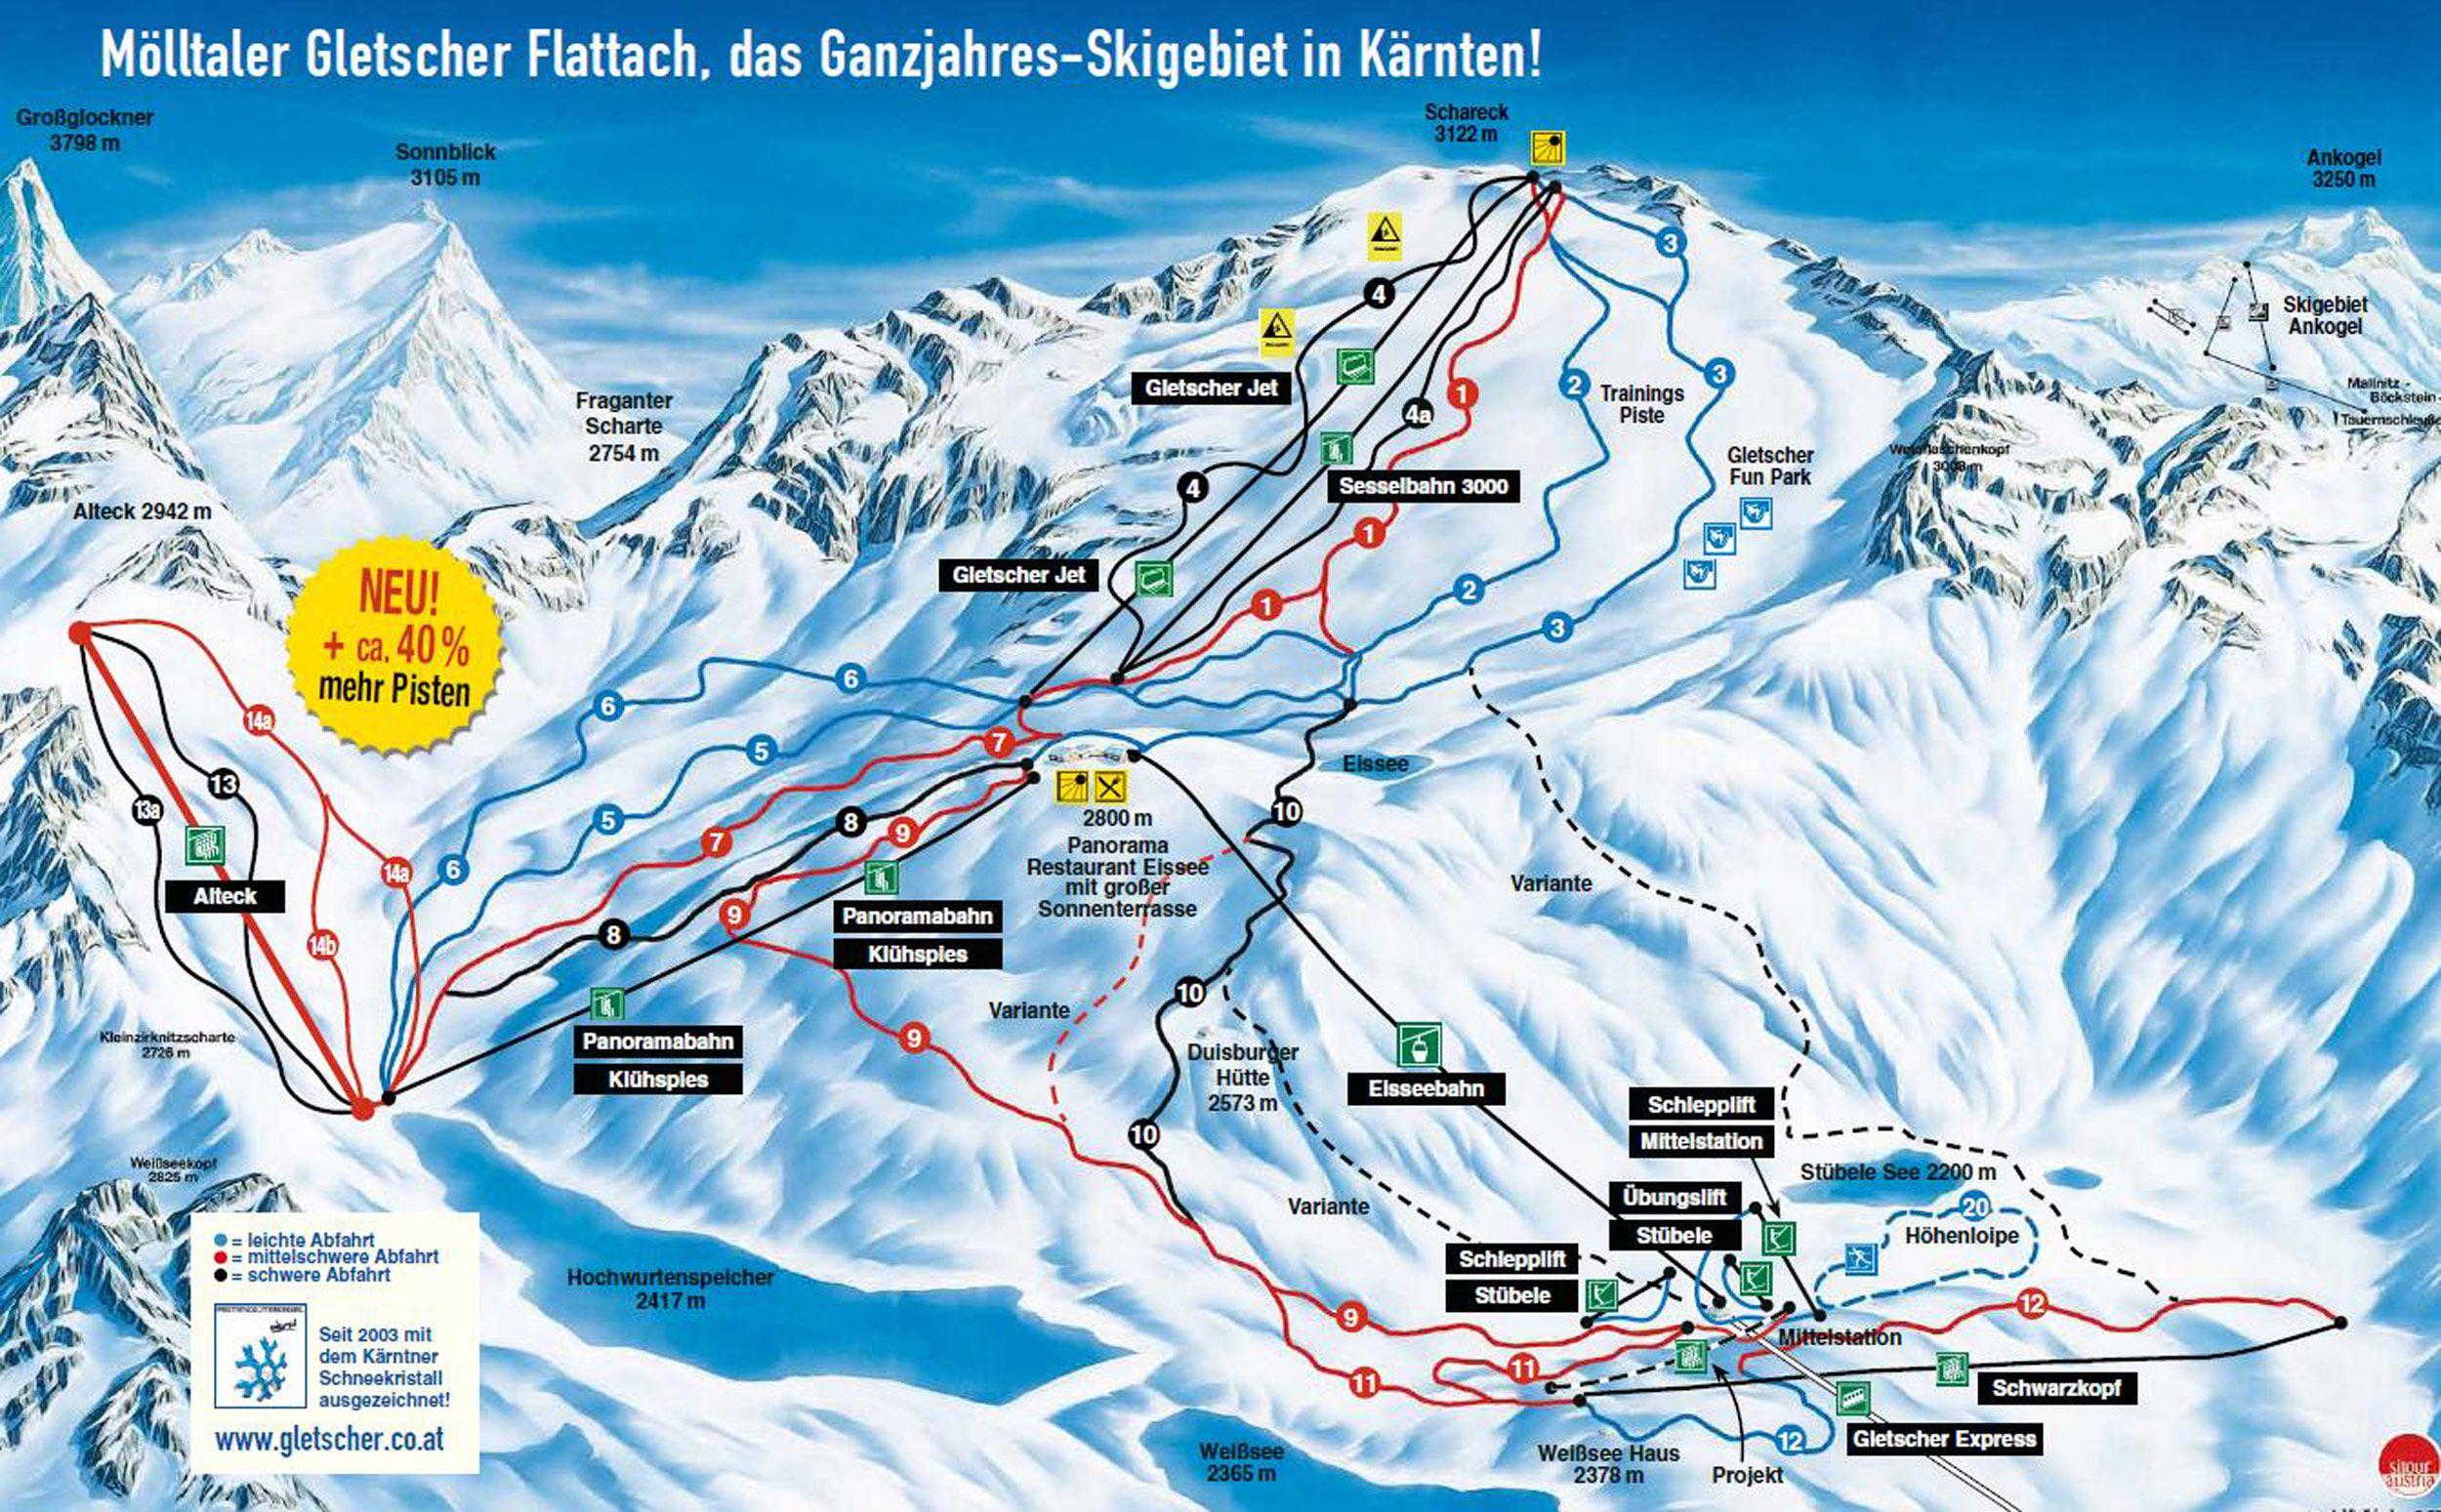 Molltal Gletscher